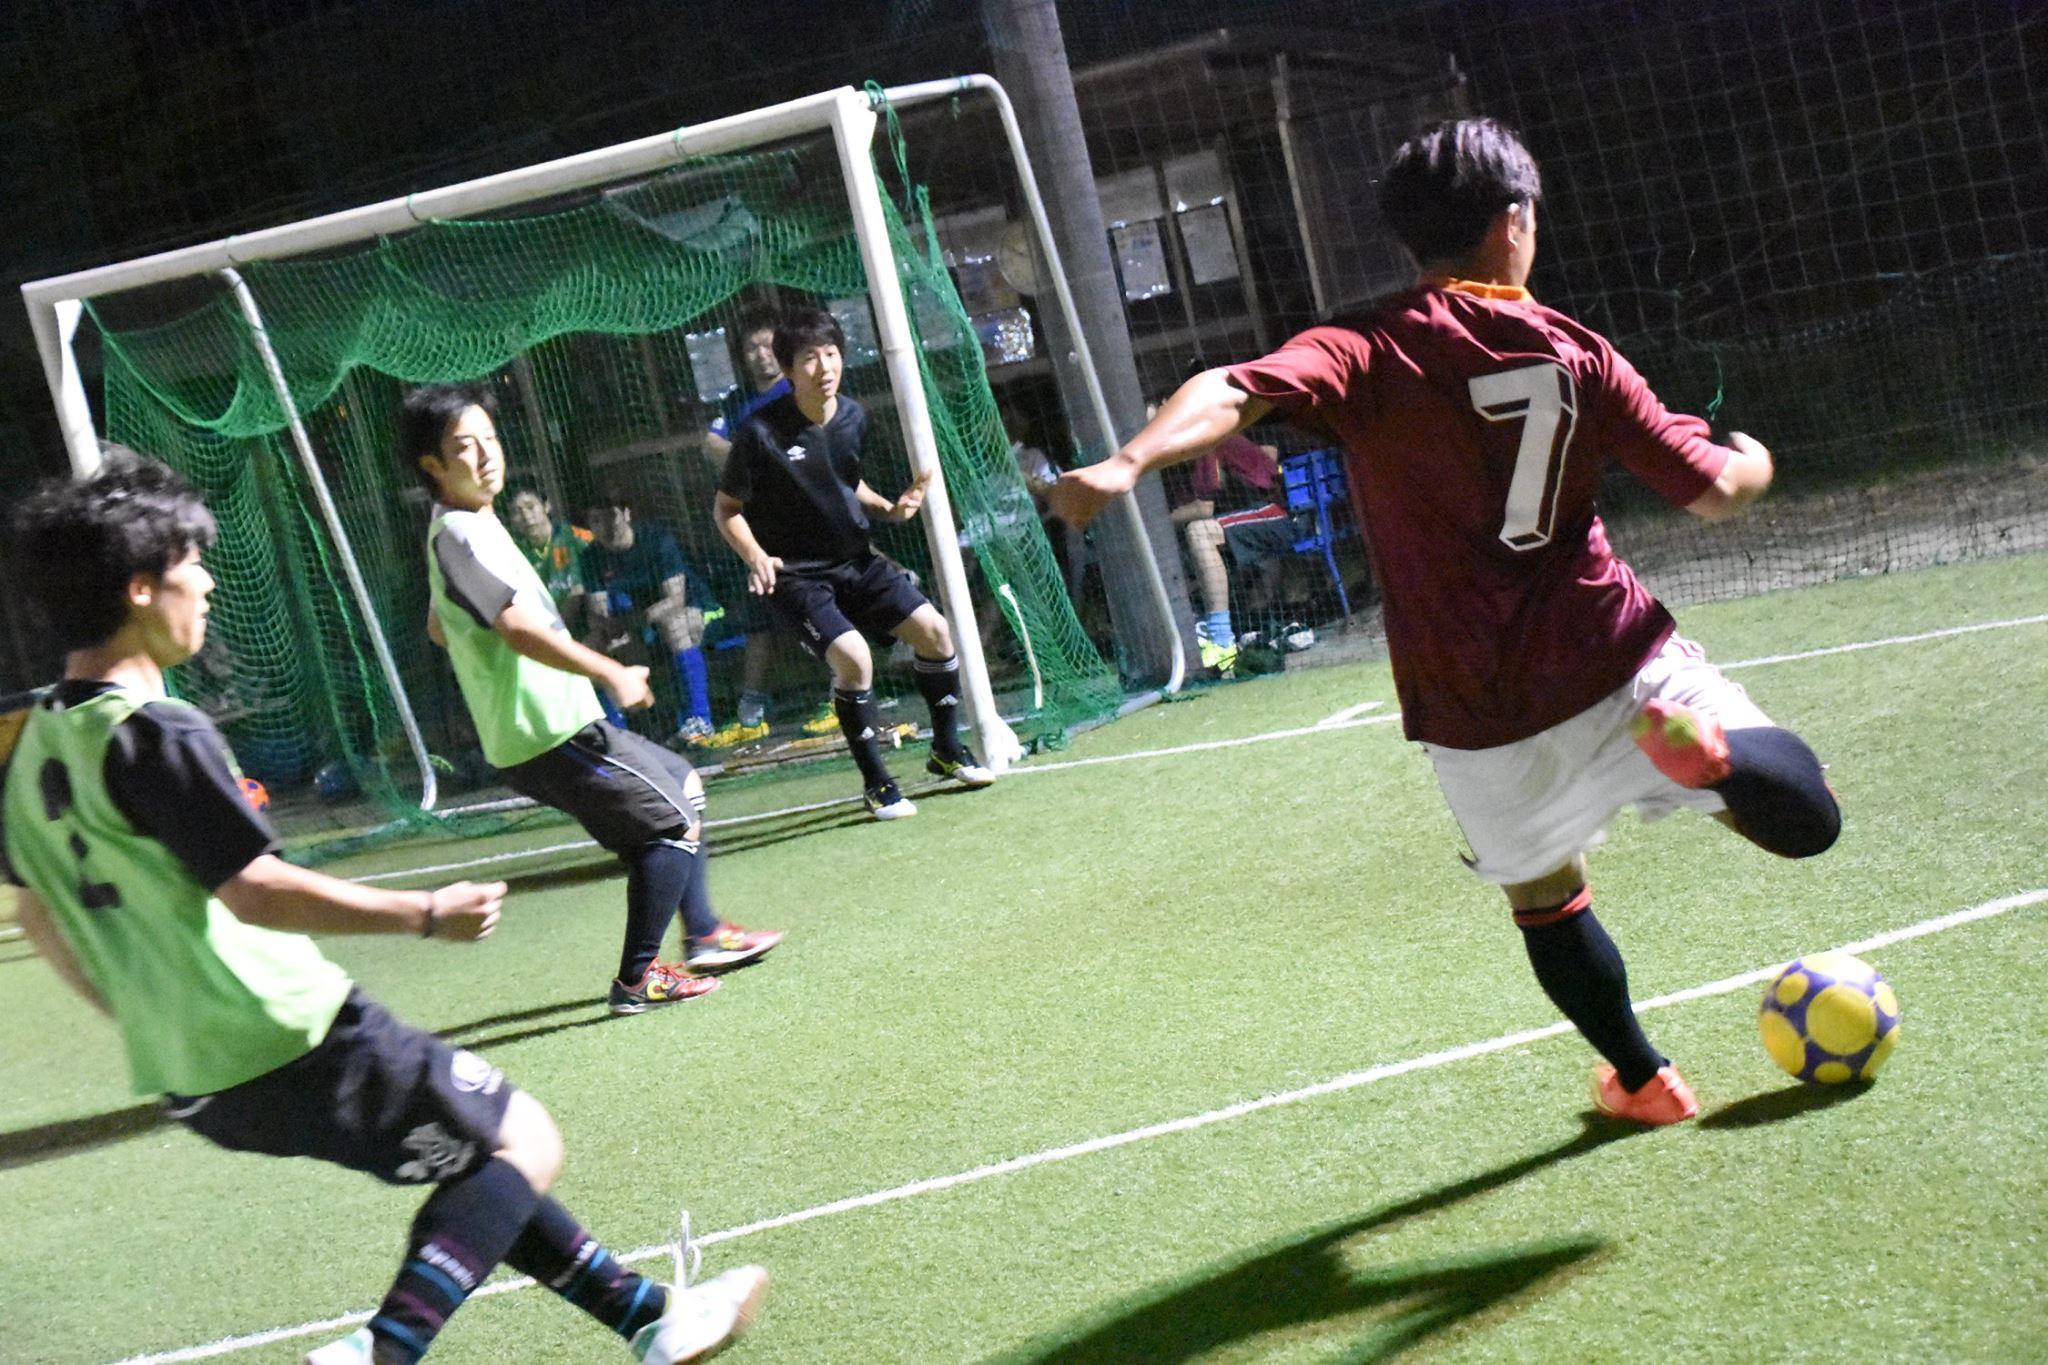 【春日井エンジョイリーグ】第4節結果 前田FCがしゅーたの掲示板に逆転勝利!チームKも全勝を貫く!